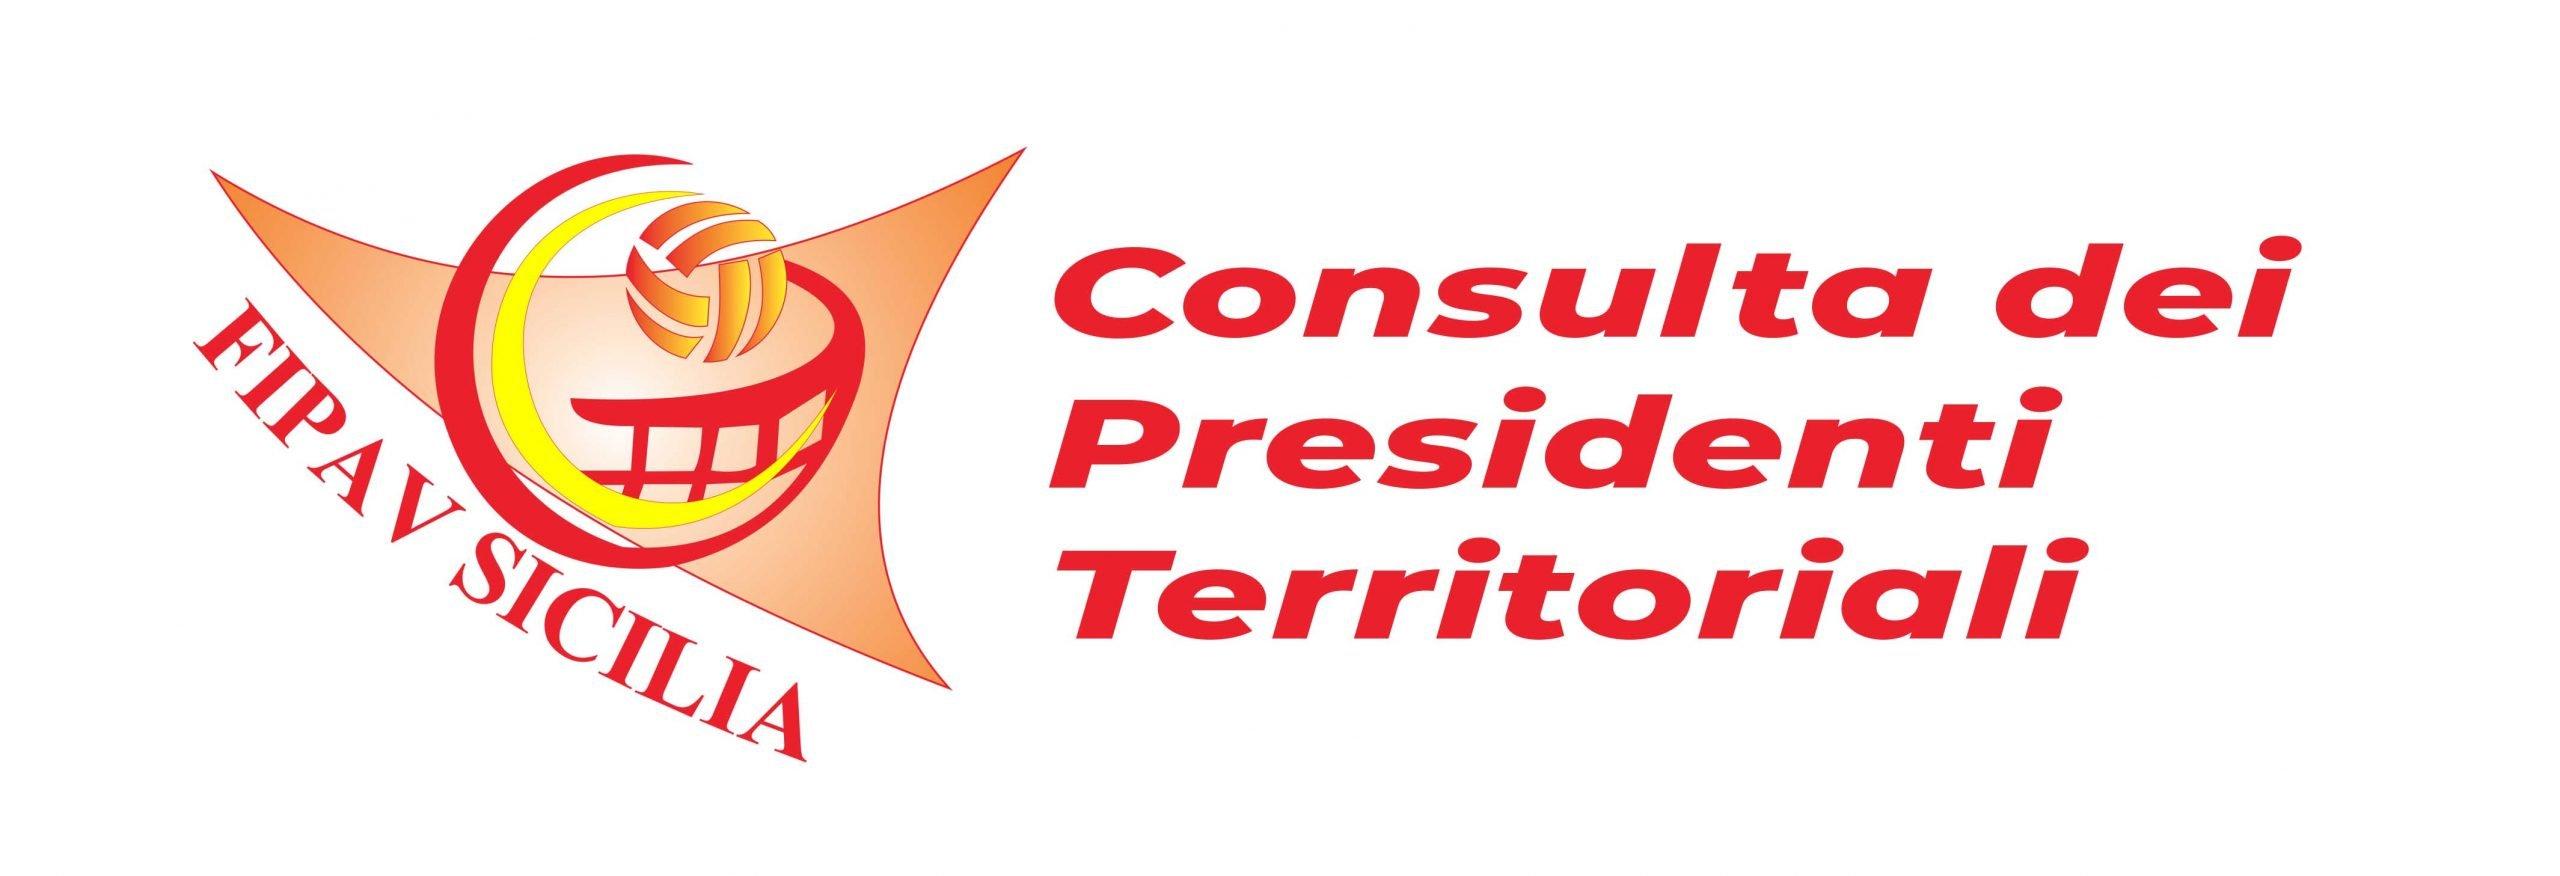 Convocata per il 20 Settembre 2021 la Consulta dei Presidenti Territoriali